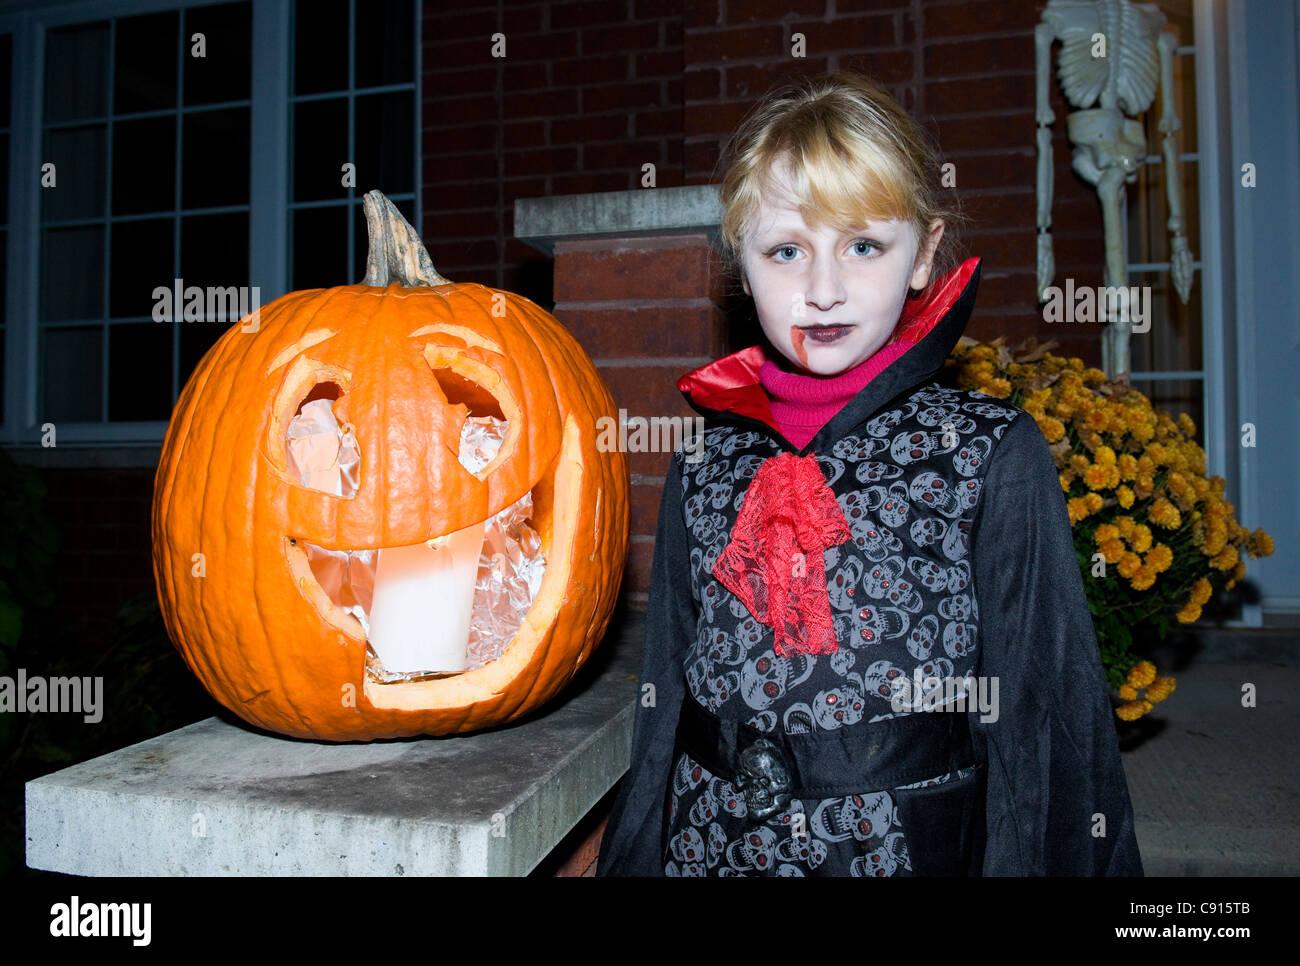 Chica con calabaza en Halloween tiempo de Montreal, Canadá Foto de stock